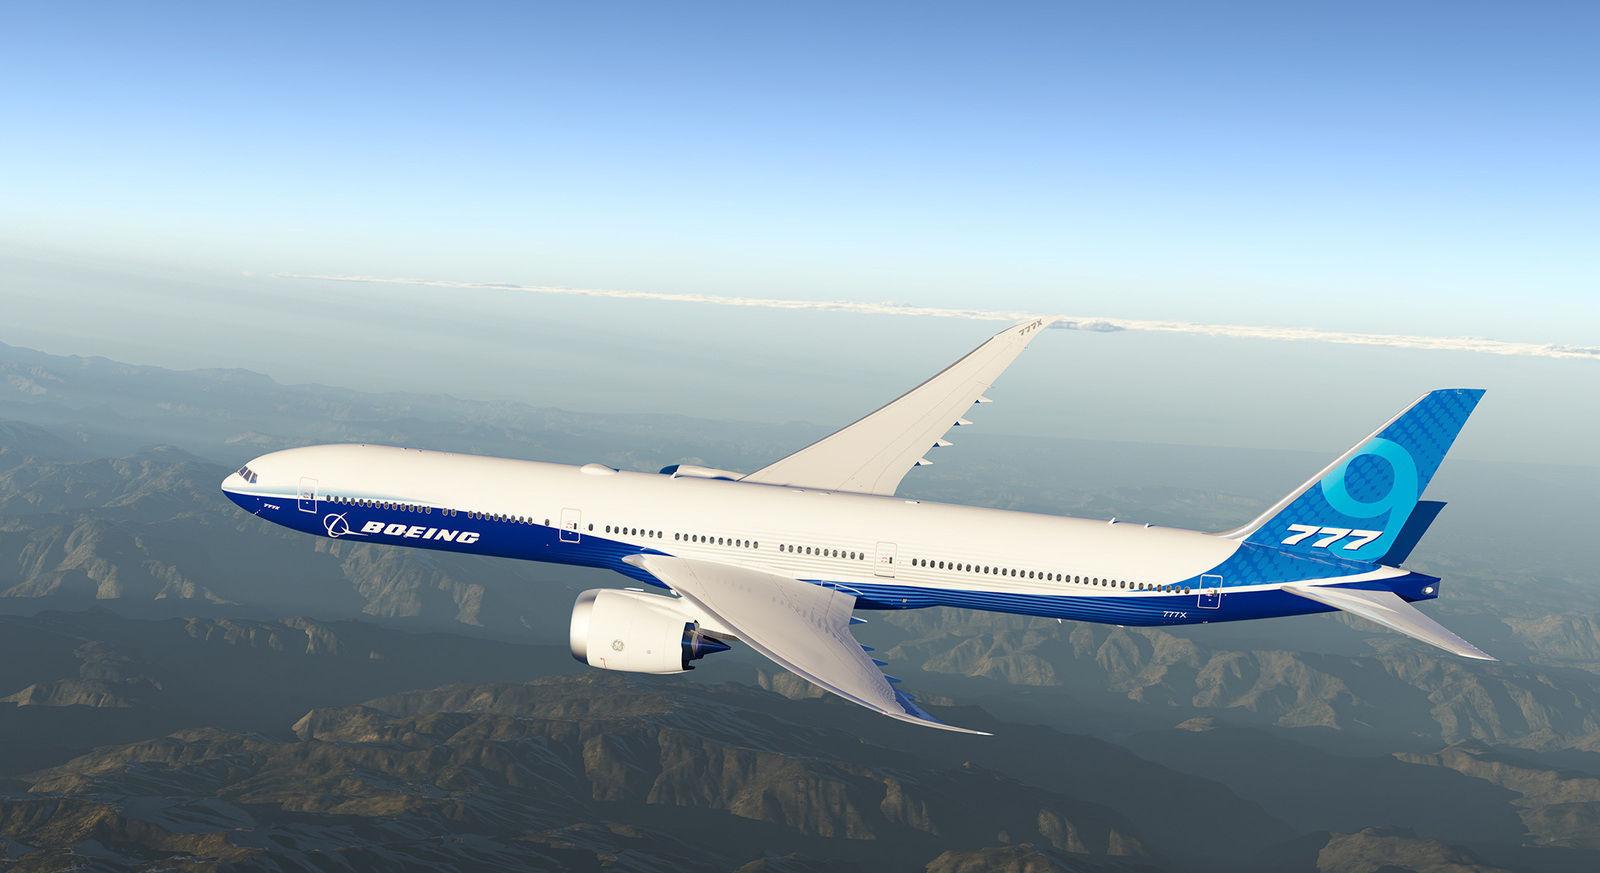 Boeing компани 777X загварын нисэх онгоцныхоо нээлтийг хойшлууллаа